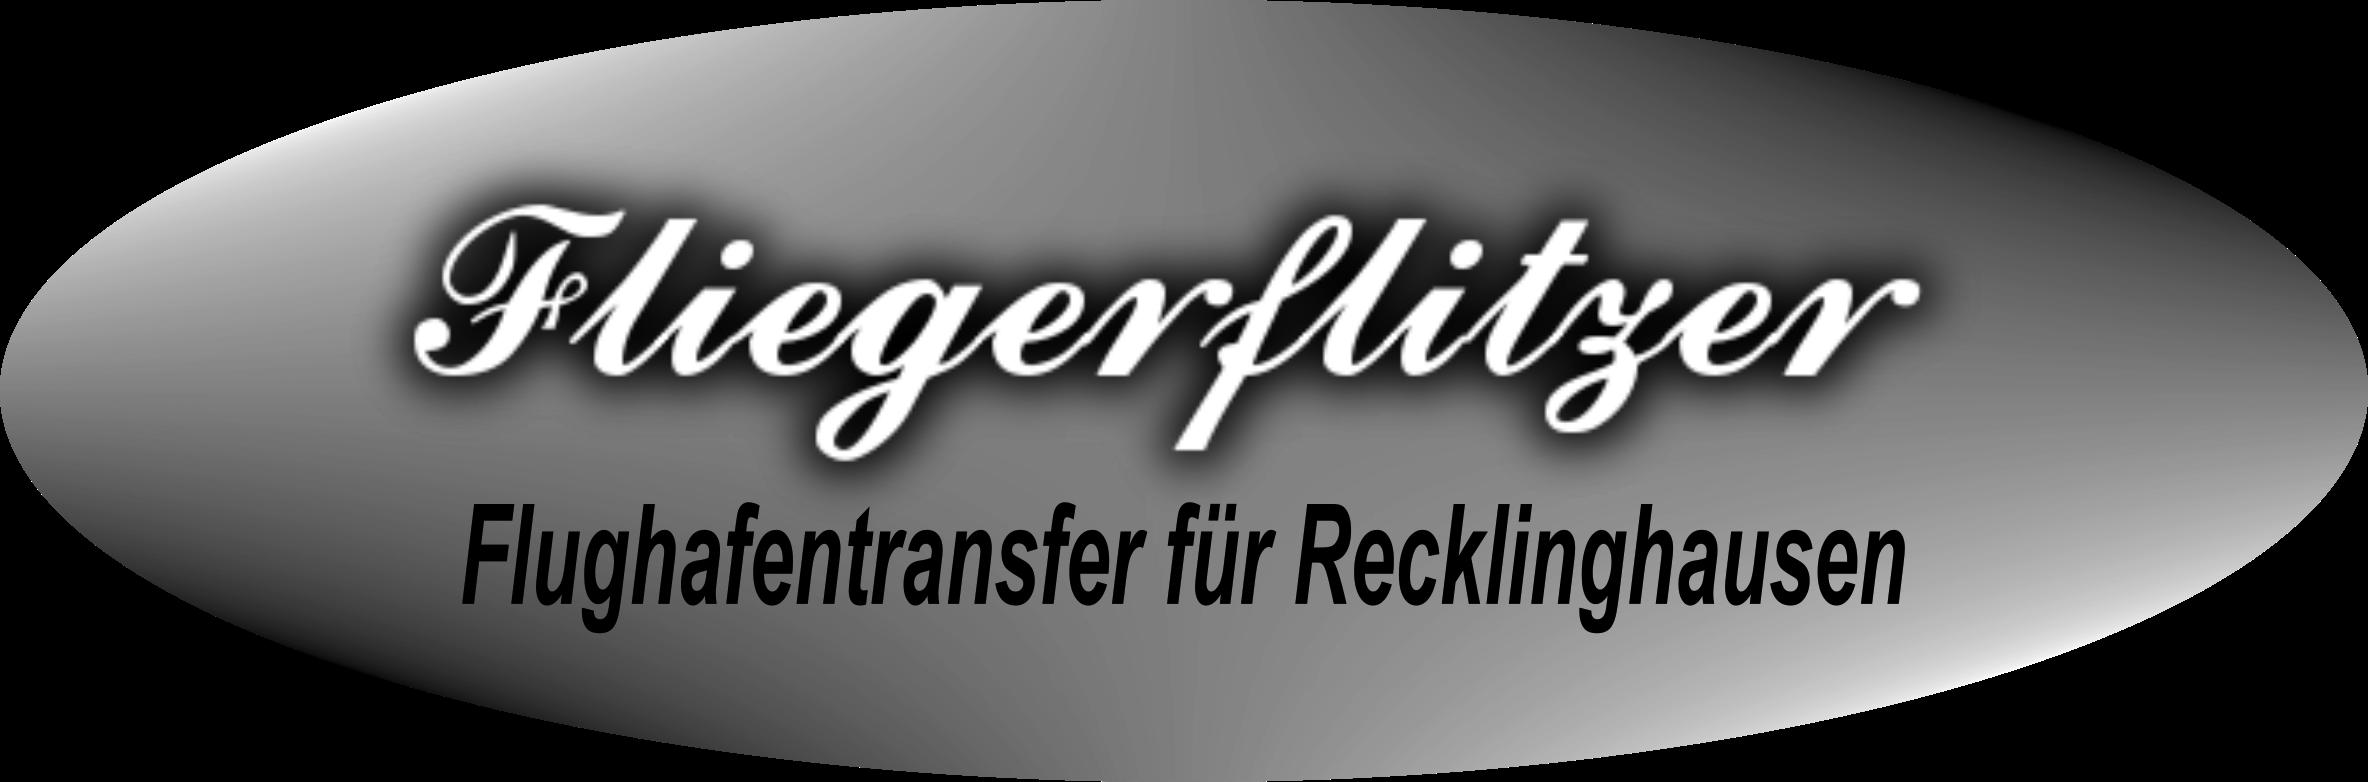 Beginnen Sie mit unserem Flughafentransfer Recklinghausen Ihren Urlaub schon vor Ihrer Haustür.